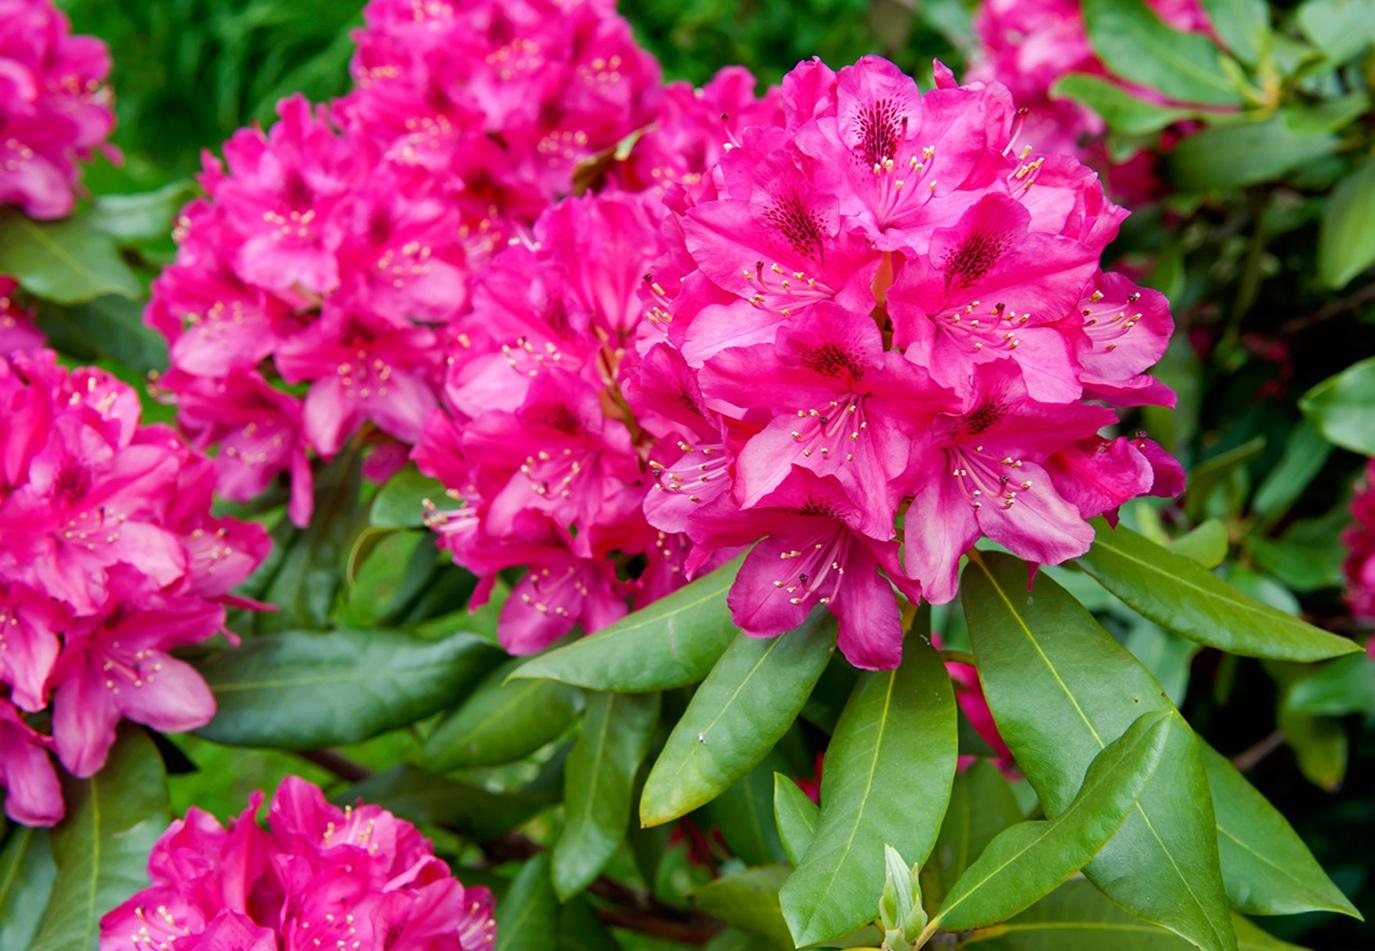 Il rododendro rhododendron piante da giardino il rododendro e le cure necessarie alla sua - Piante bellissime da giardino ...